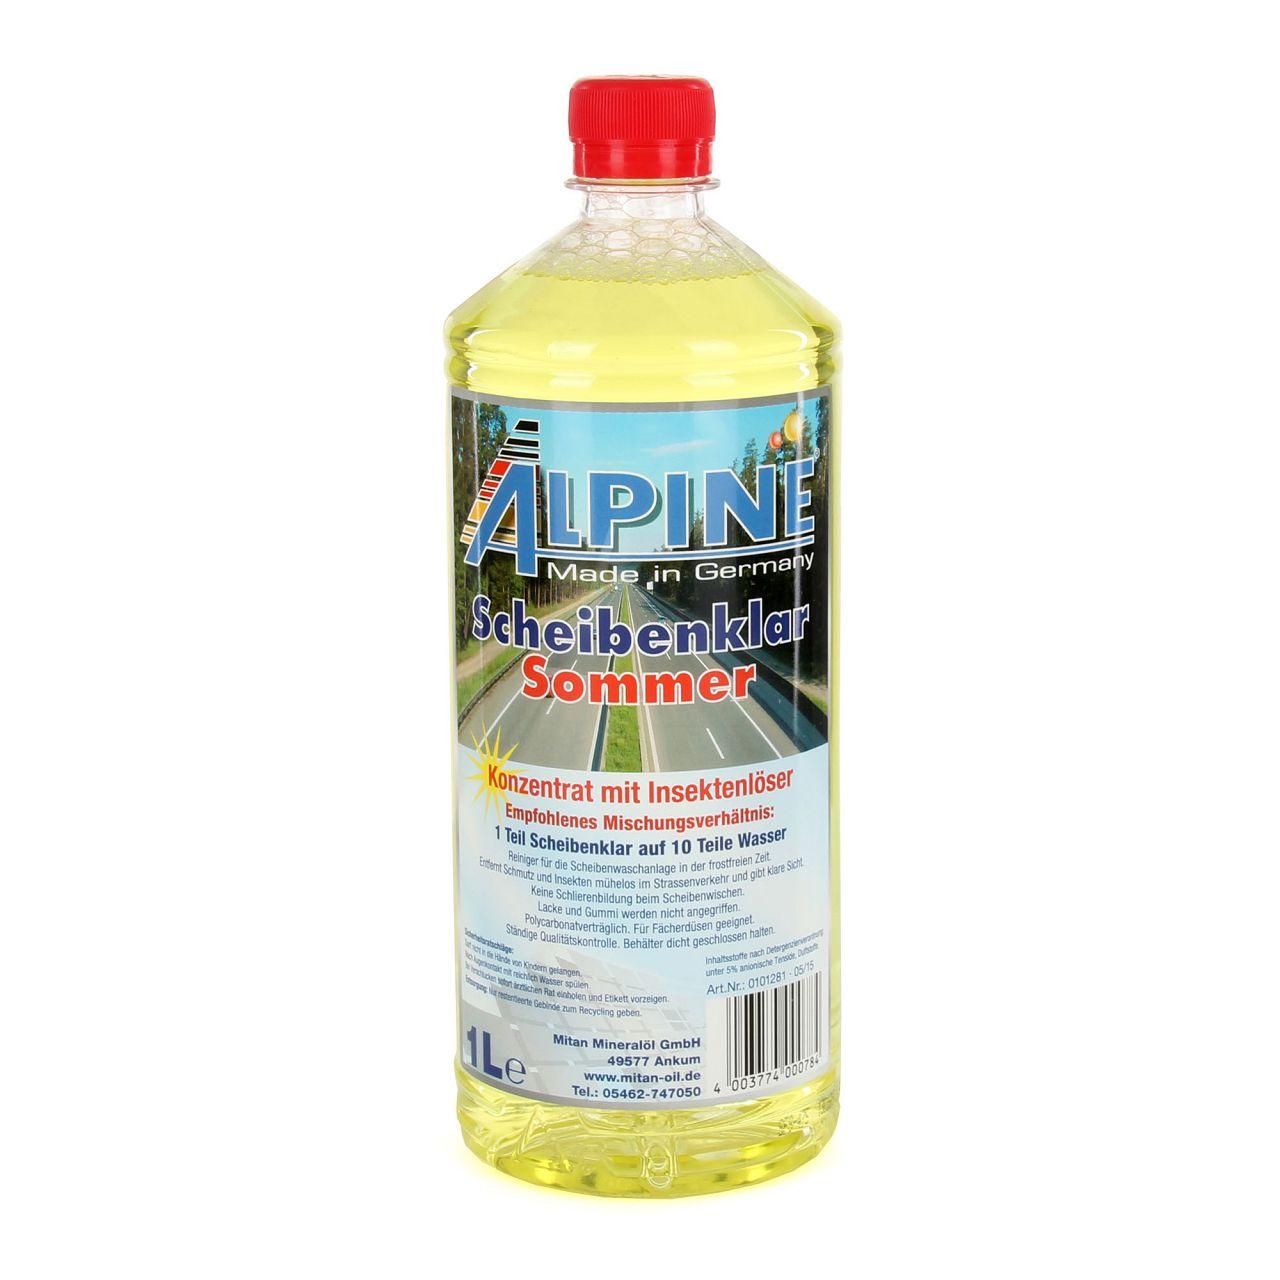 ALPINE Scheibenklar Sommer 1:10 Konzentrat Insektenlöser Citrusduft - 6L 6 Liter